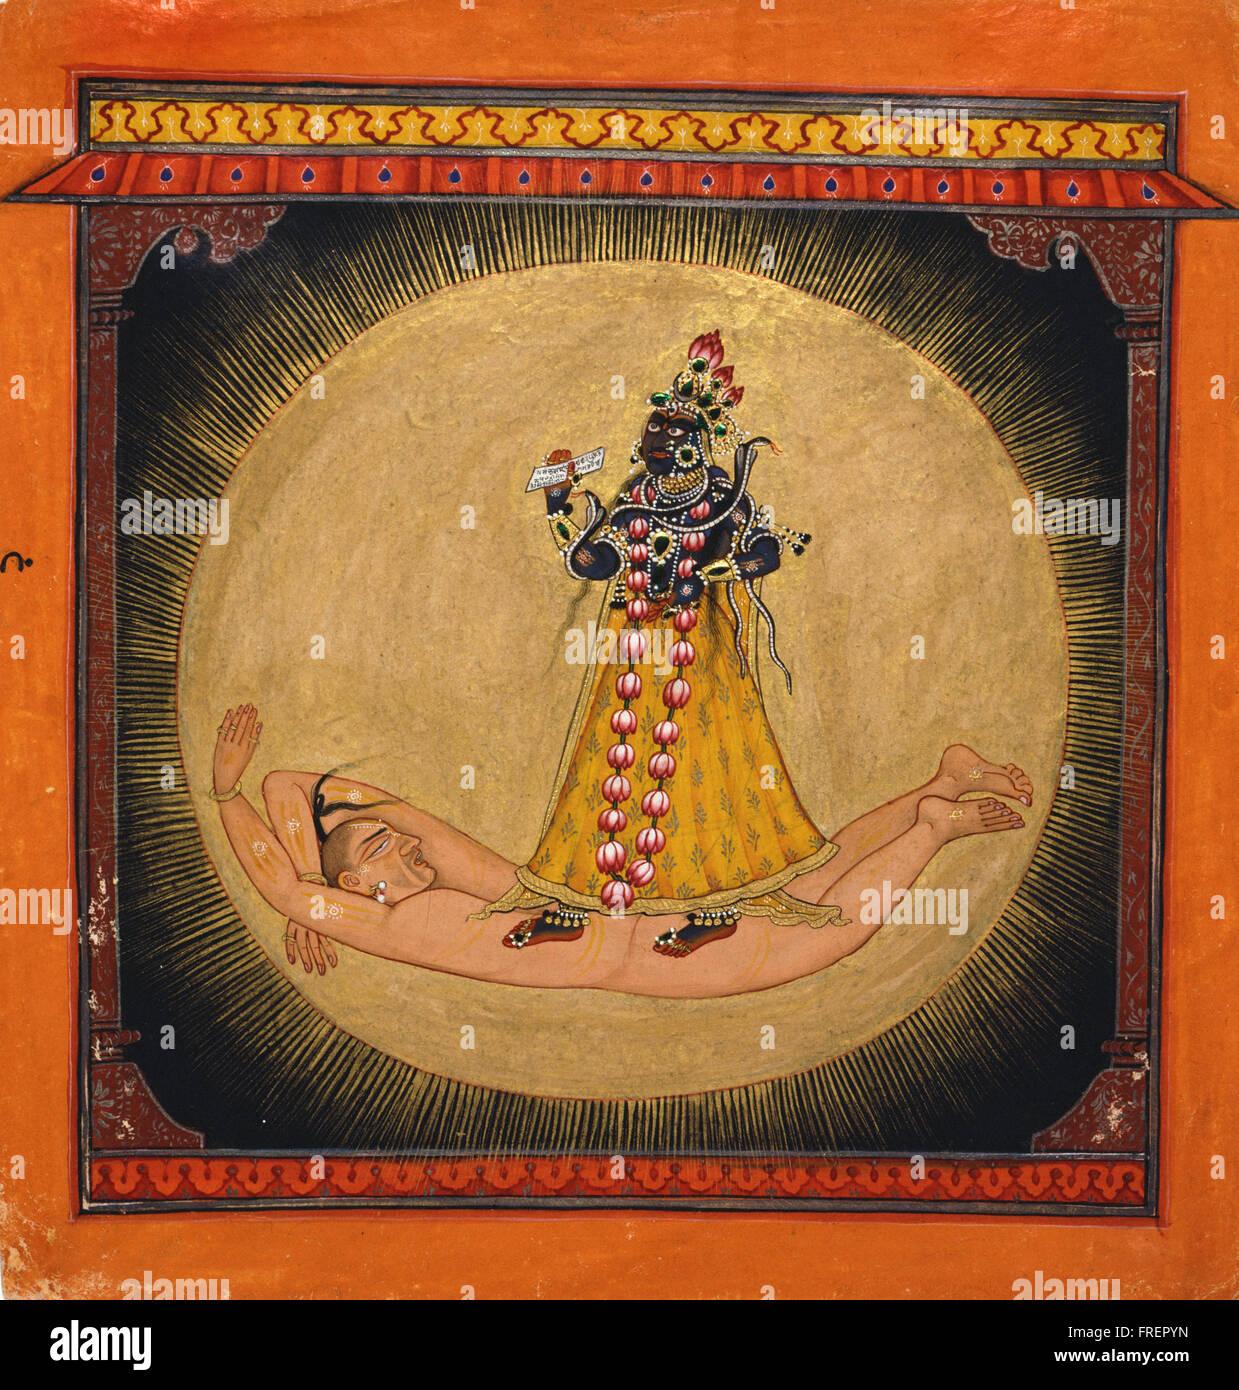 Hersteller unbekannt, Indien Bhadrakali innerhalb der aufgehenden Sonne Stockbild